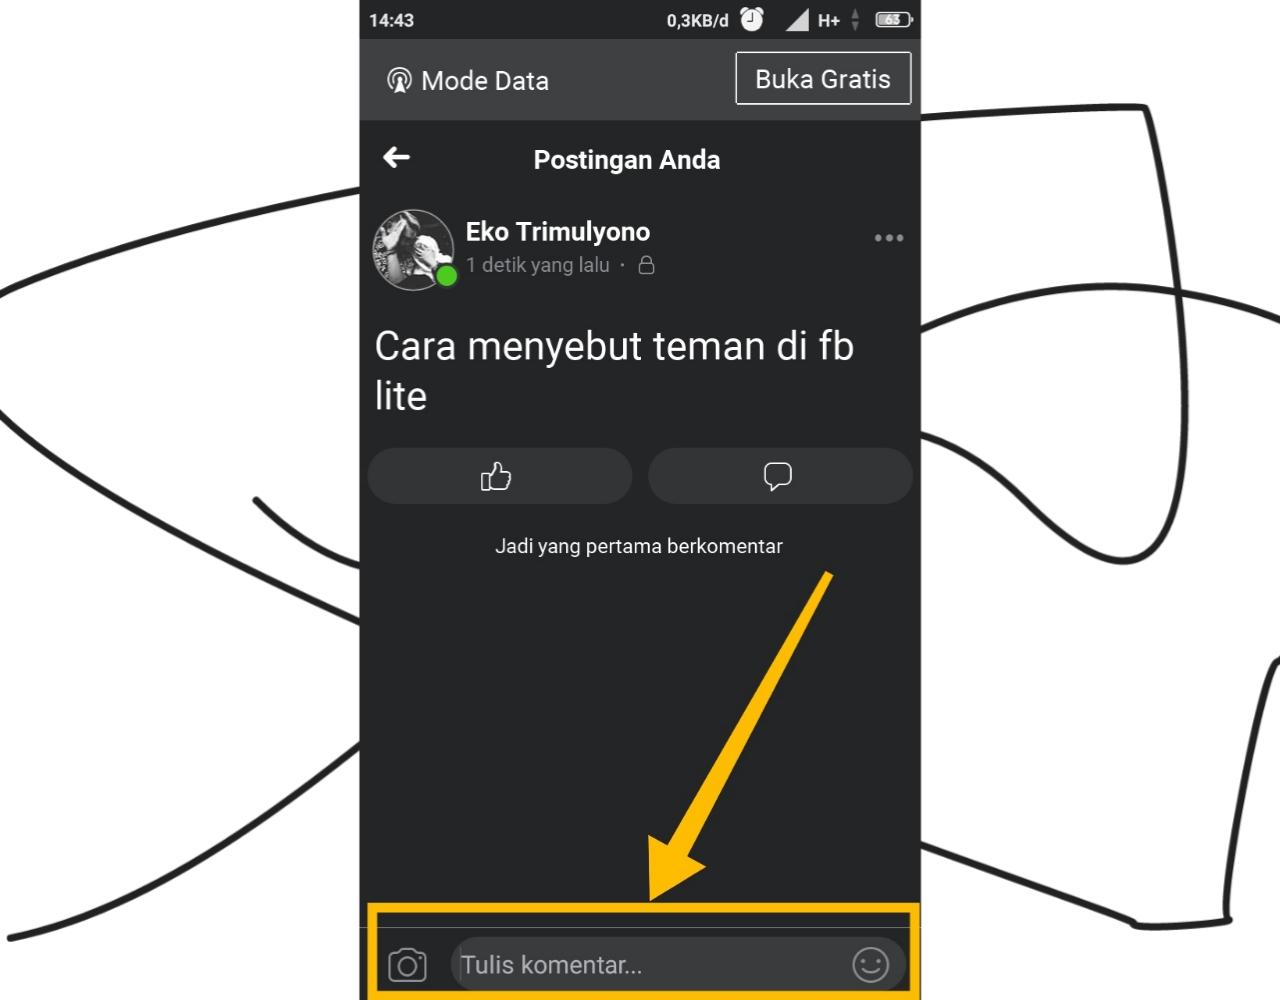 cara tag teman di fb lite yang sudah terkirim